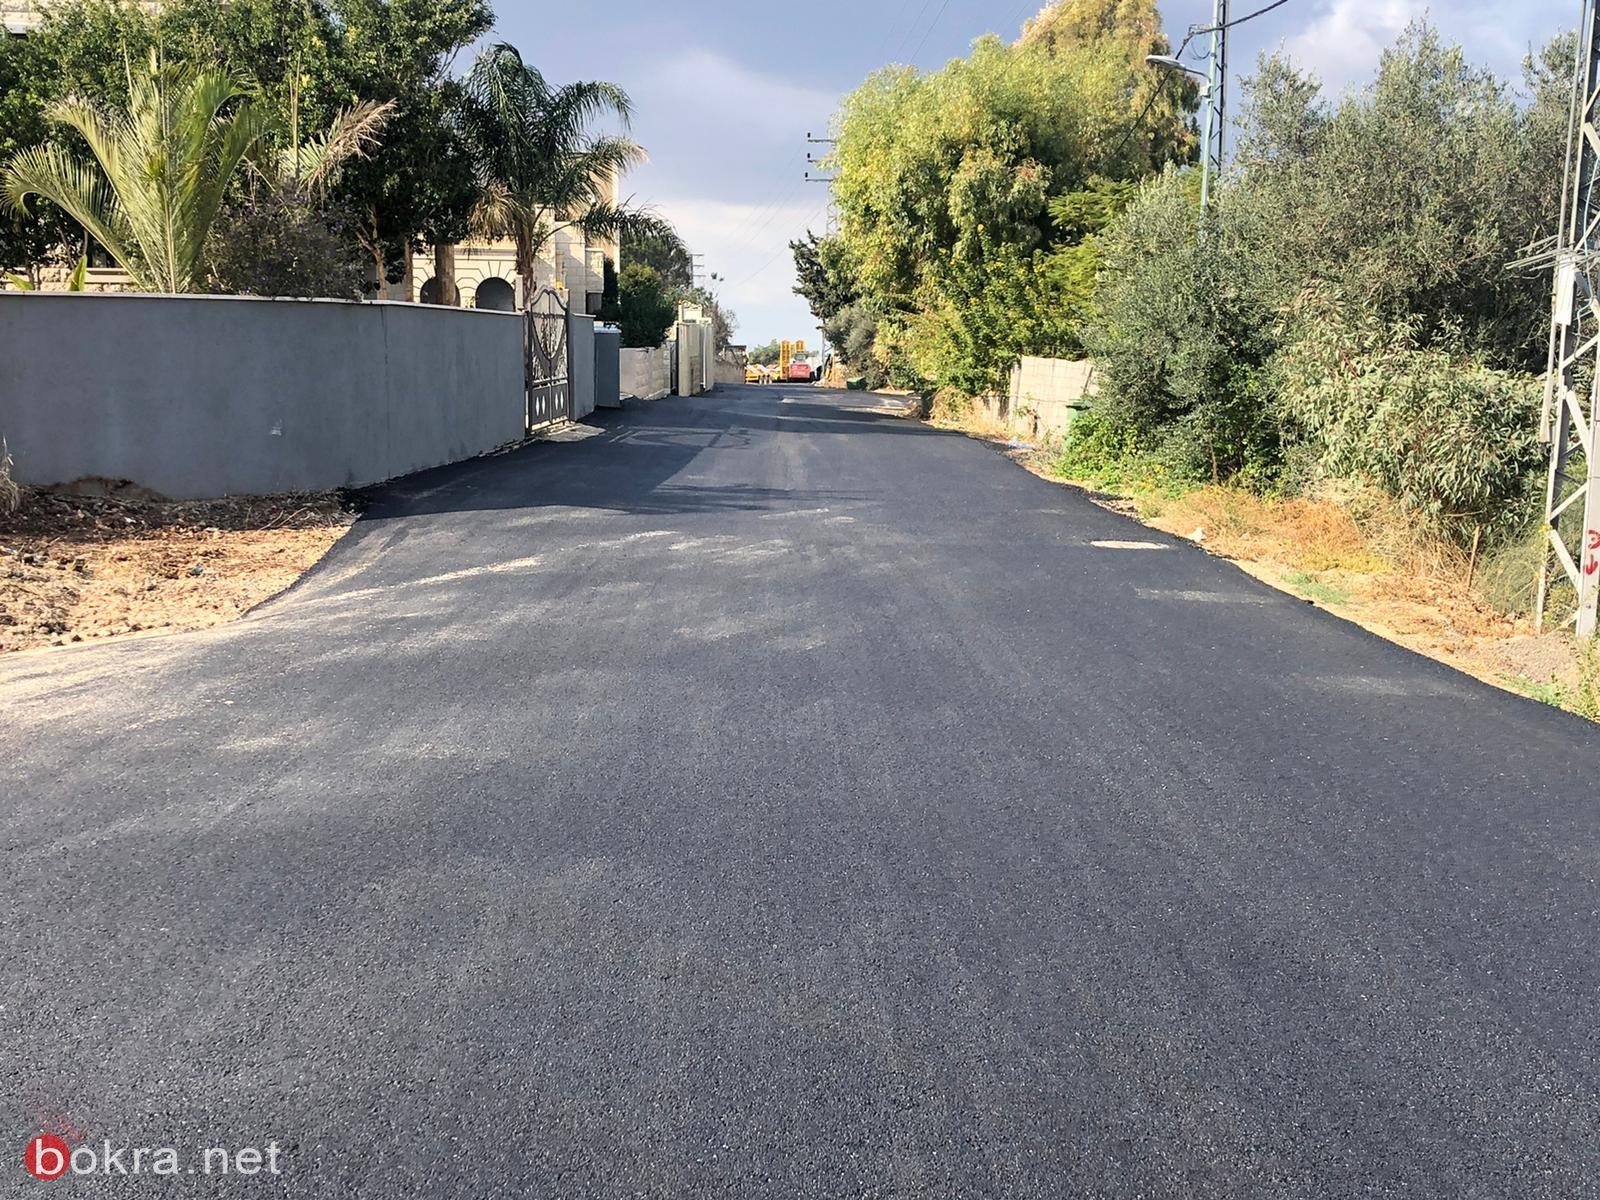 المجلس الأقليمي بستان المرج يقوم بأعمال ترميم وتطوير في قرية الدحي -8